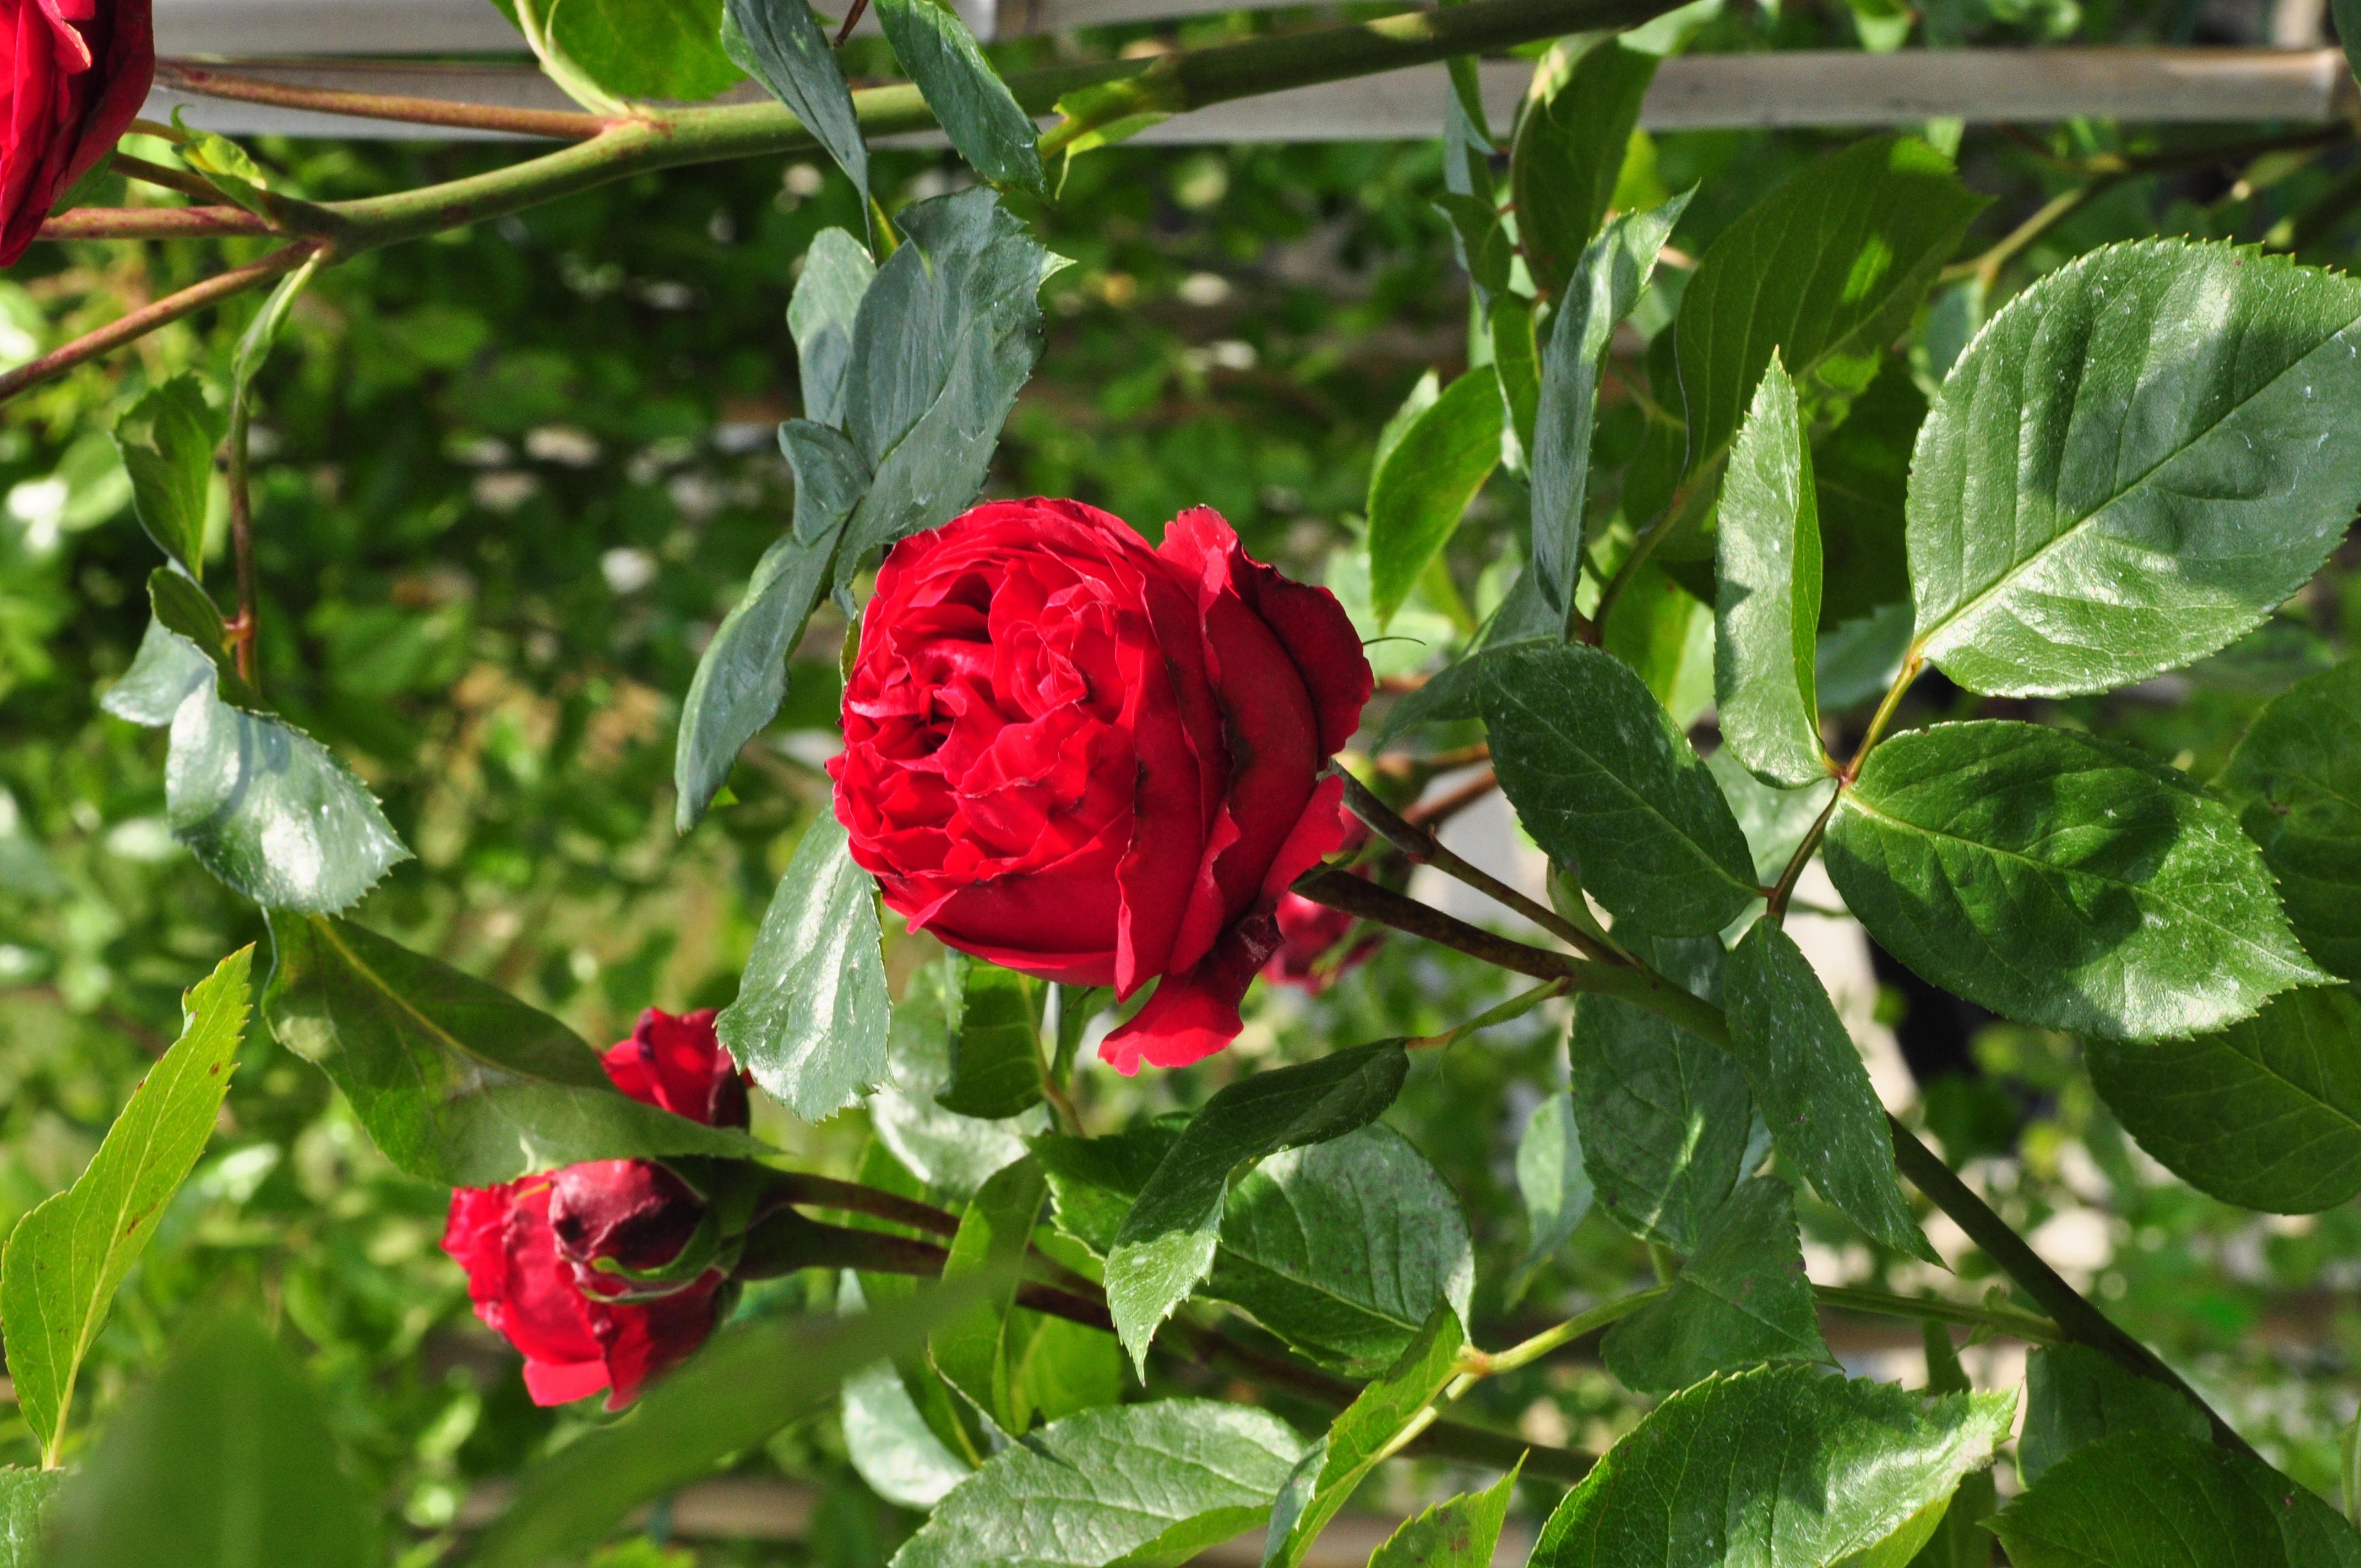 rosa 39 red eden rose 39 romantica roos. Black Bedroom Furniture Sets. Home Design Ideas